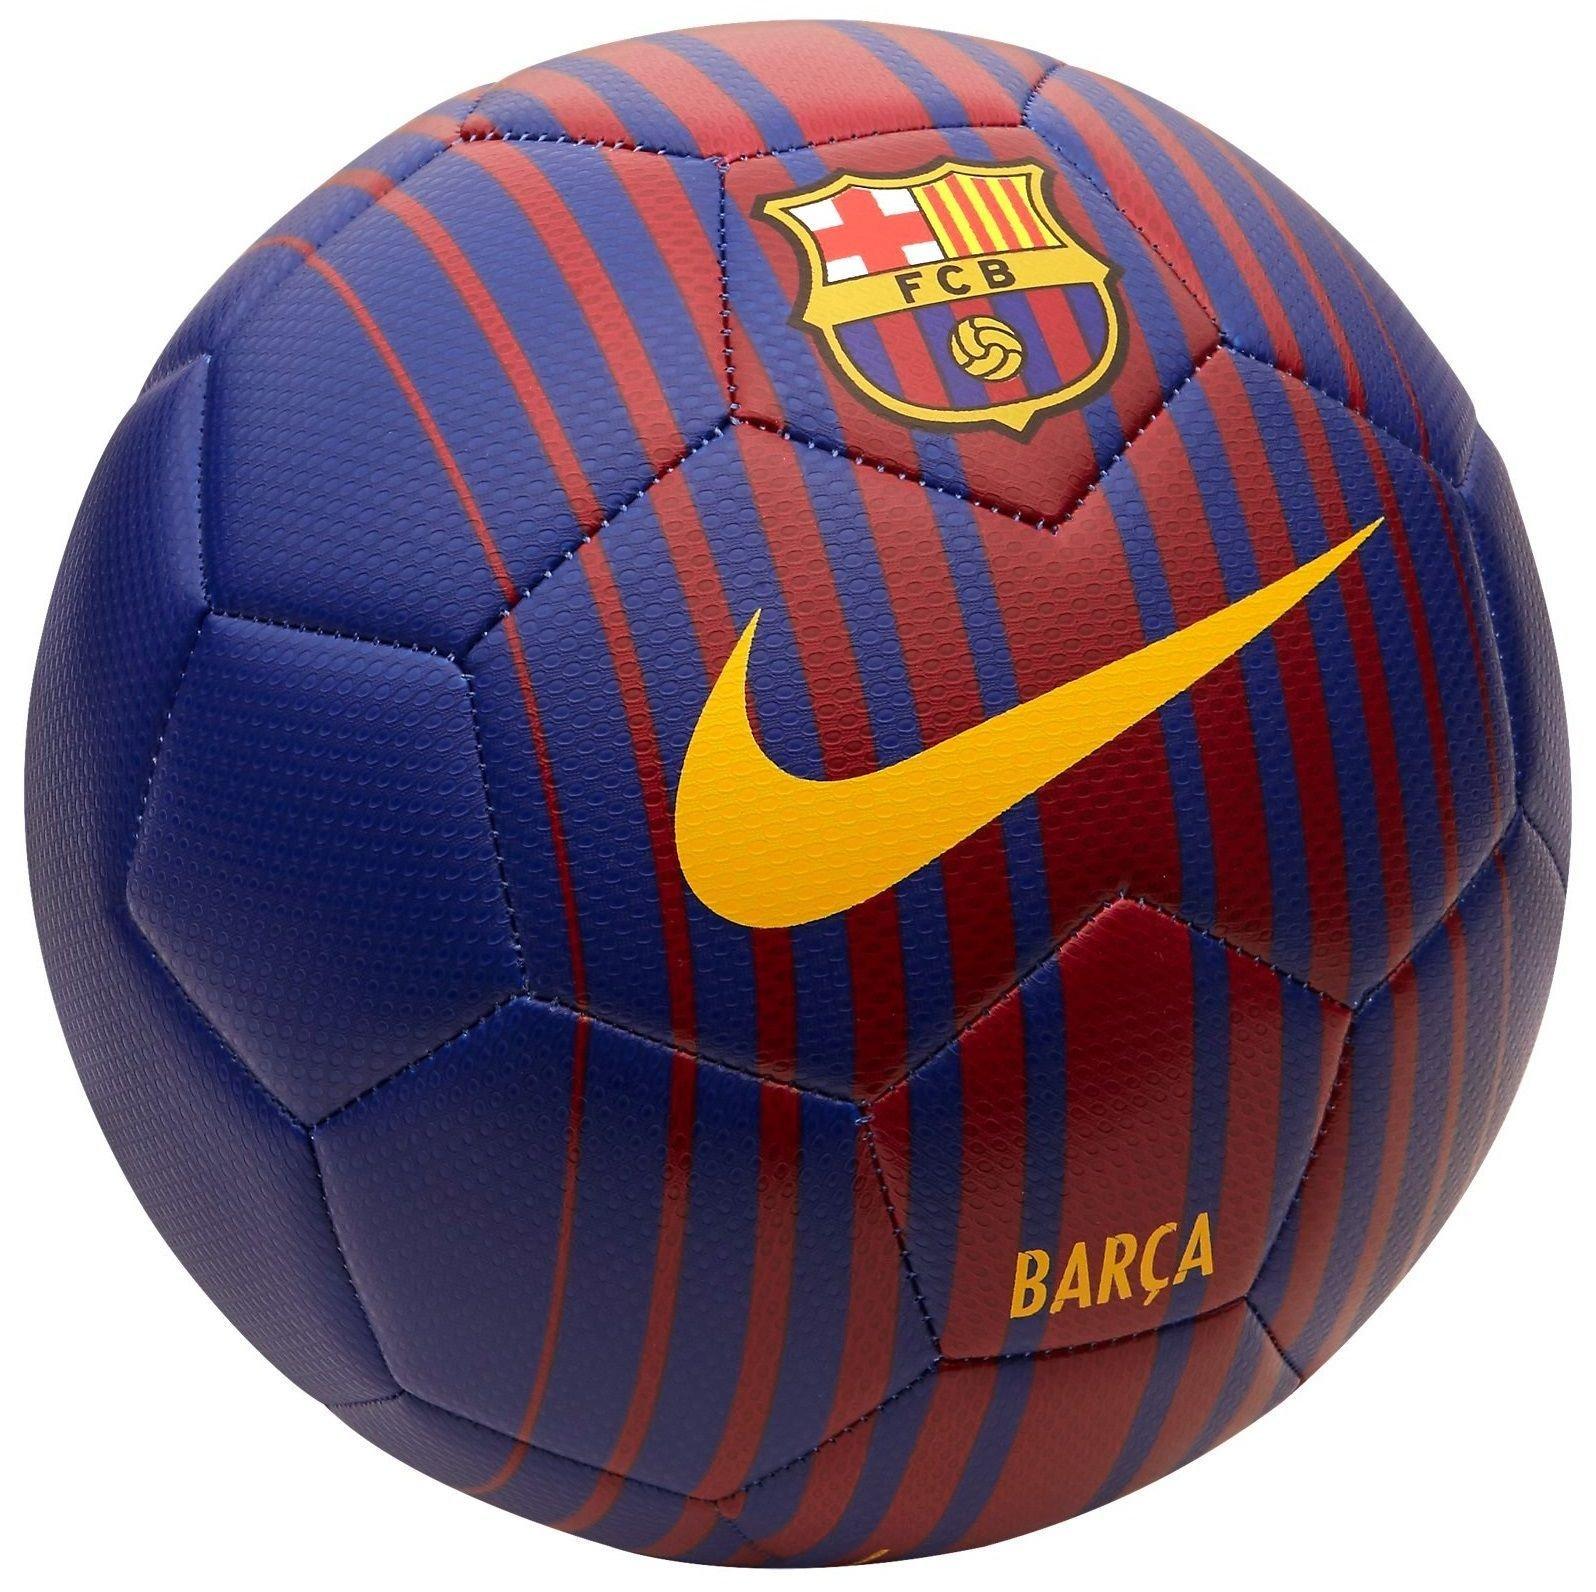 Картинки по запросу Футбольные мячи